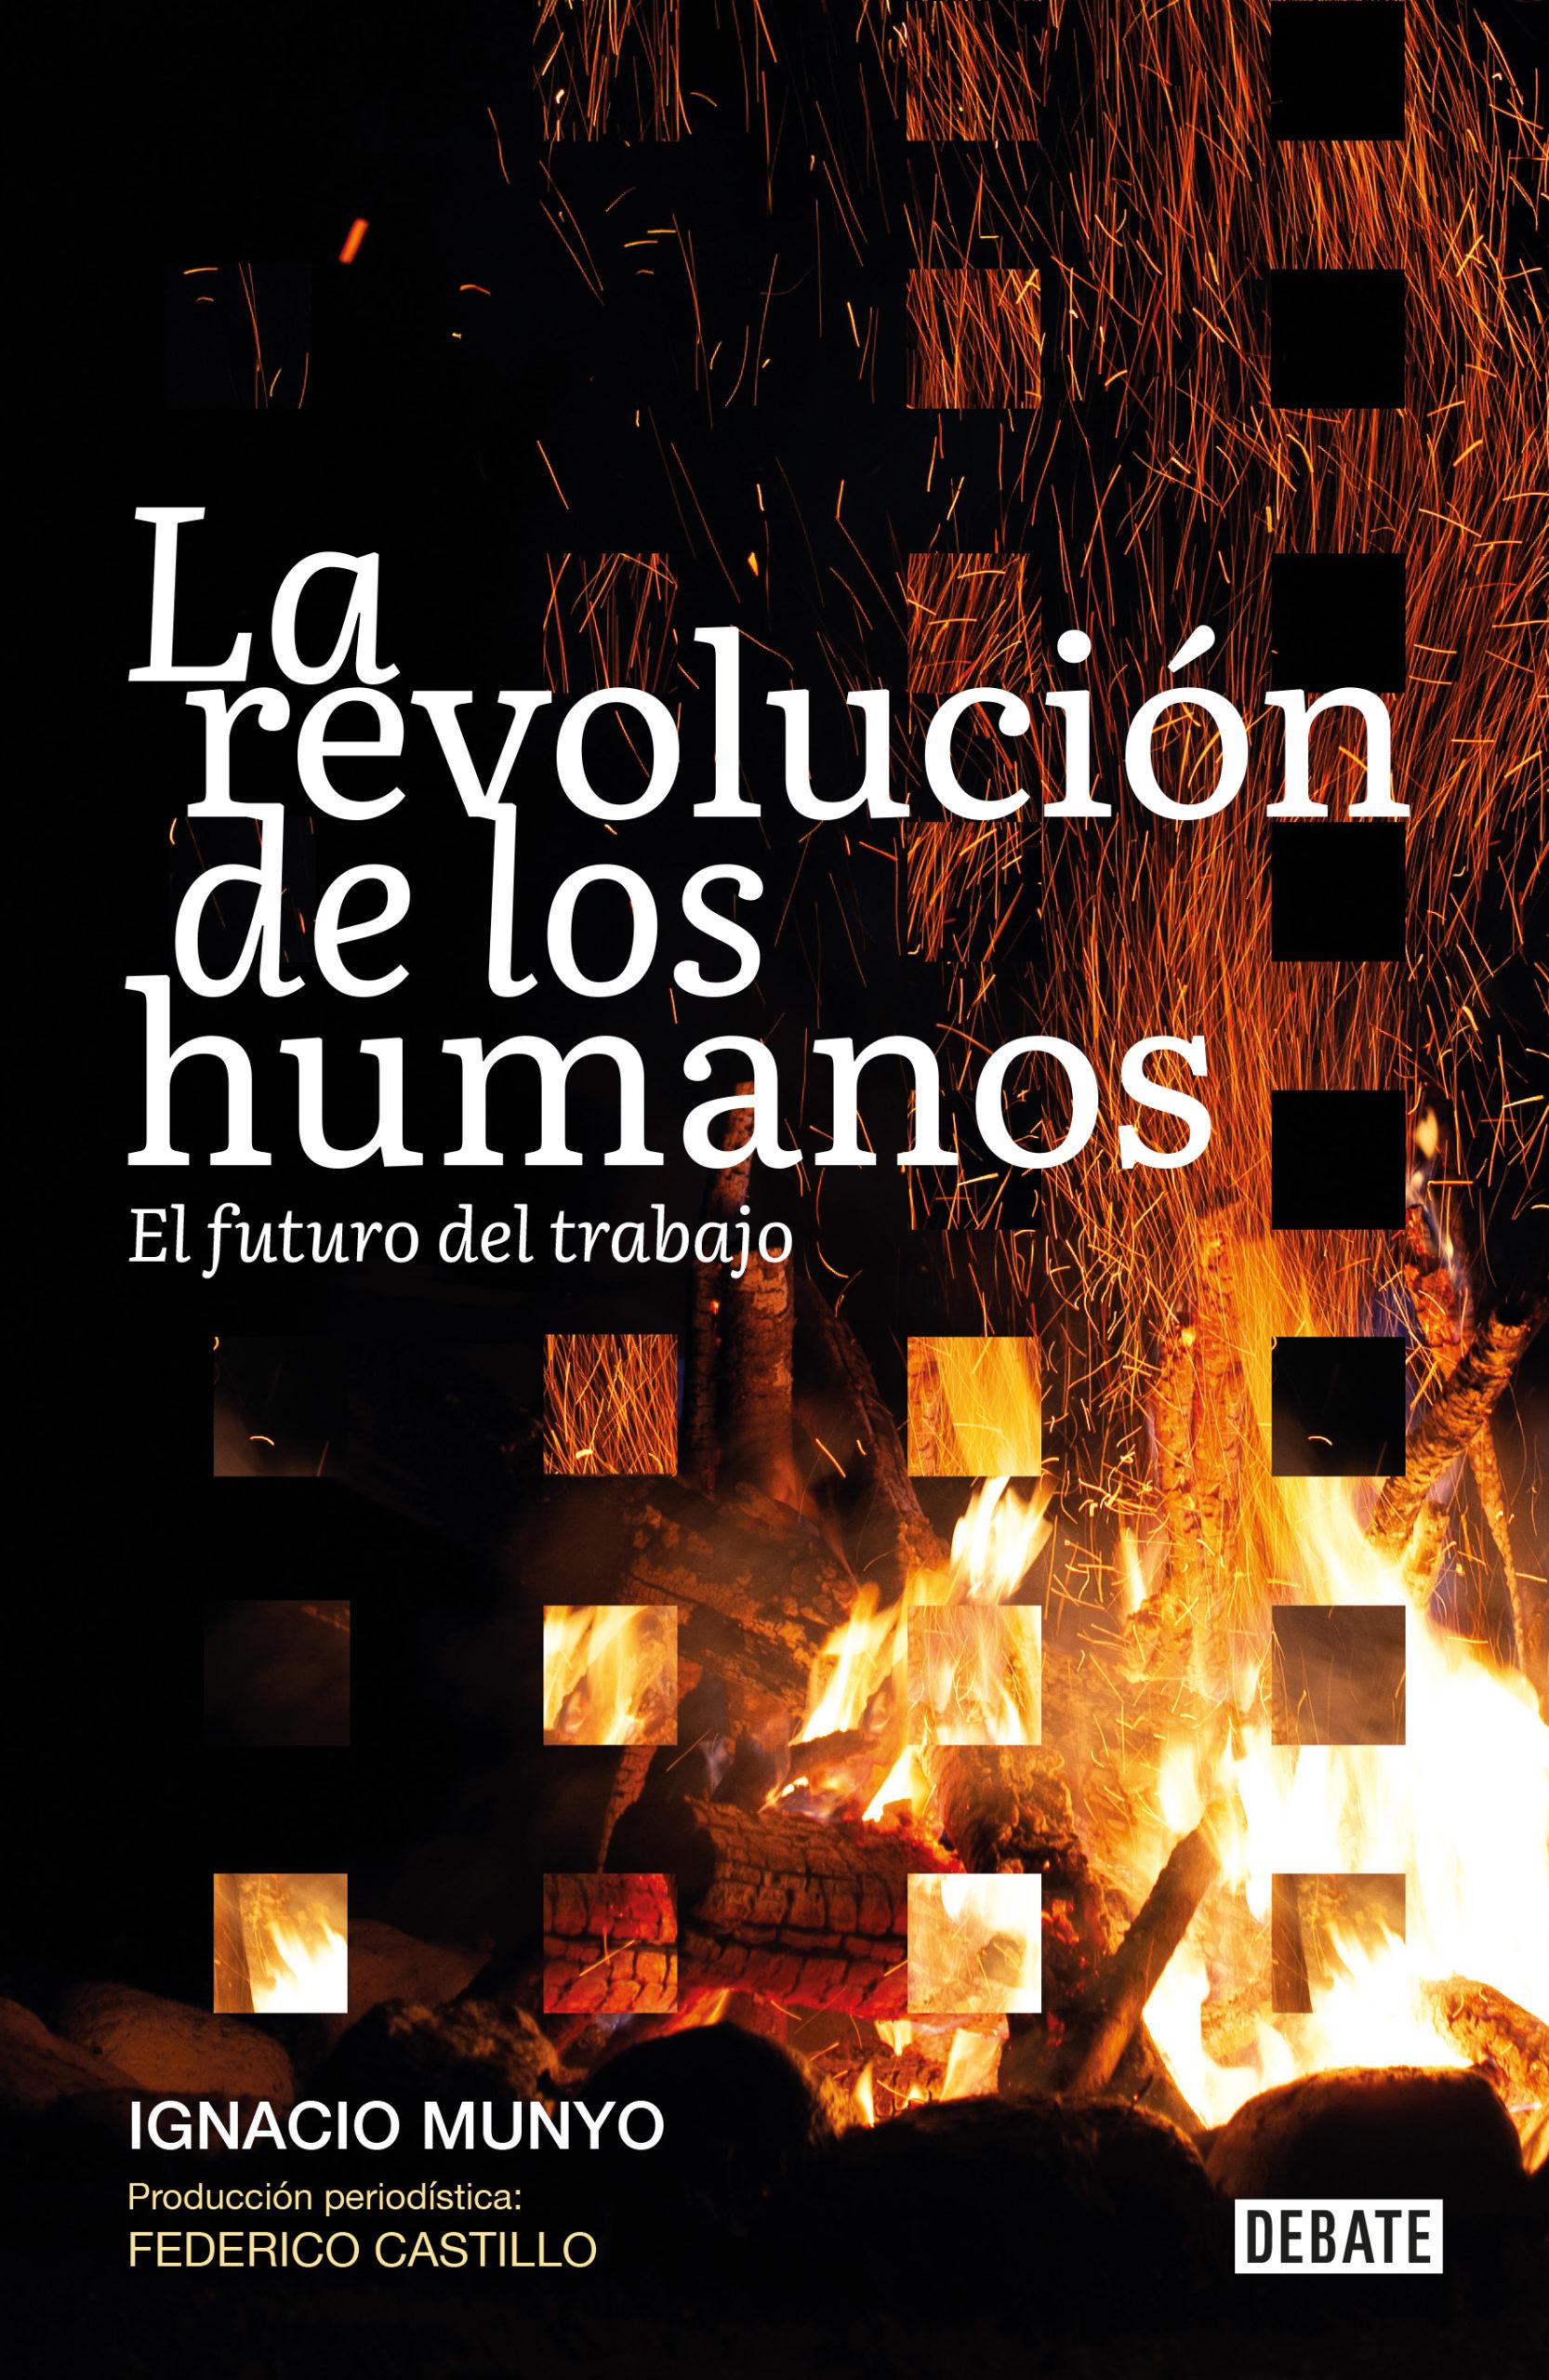 La revolución de los humanos: El futuro del trabajo - Ignacio Munyo